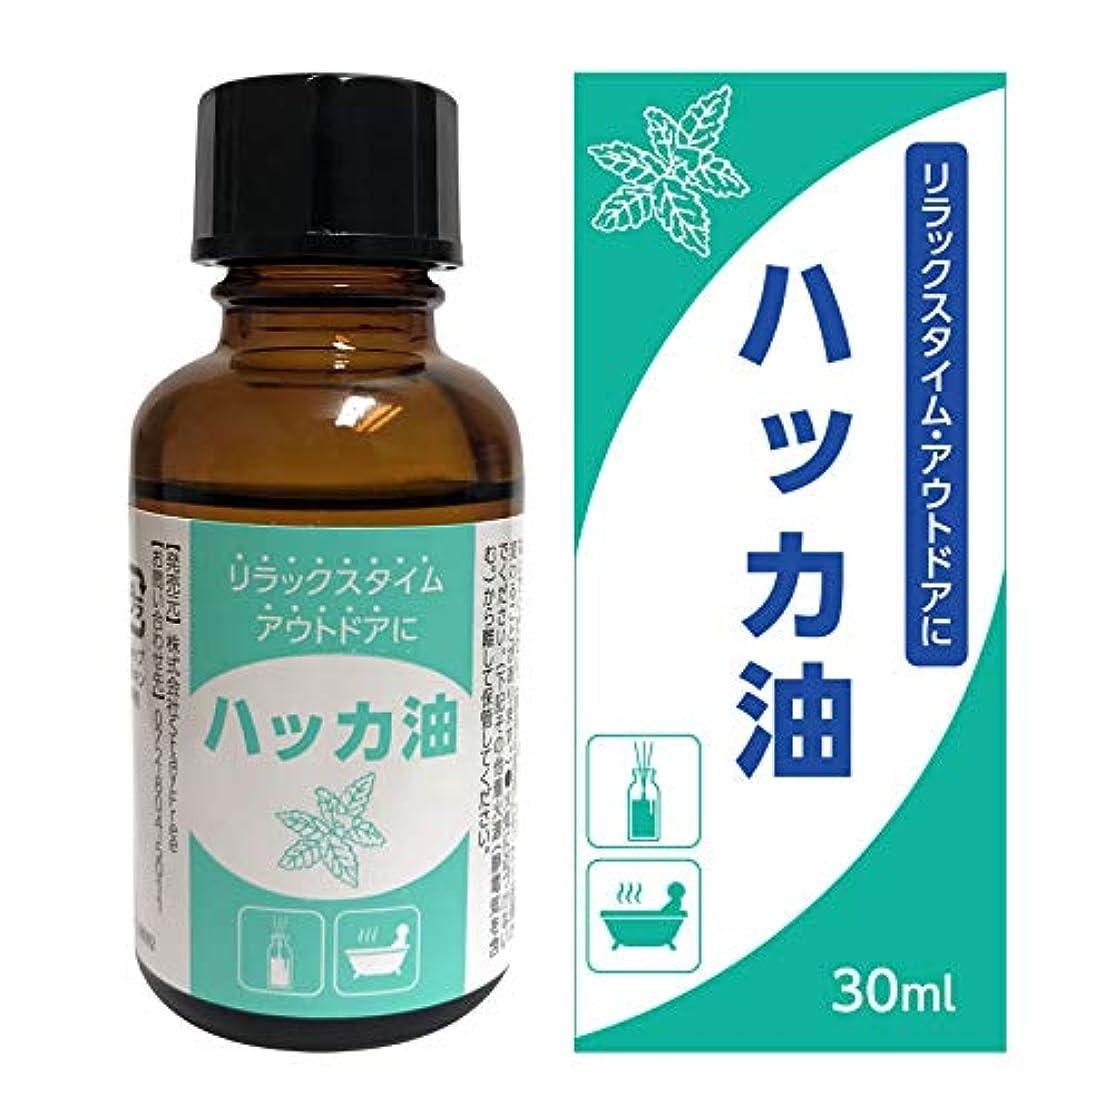 ルビーバレル日常的にハッカ油 30ml 天然 ハッカオイル 原液 アロマ アウトドア お風呂 (30ml(単体))